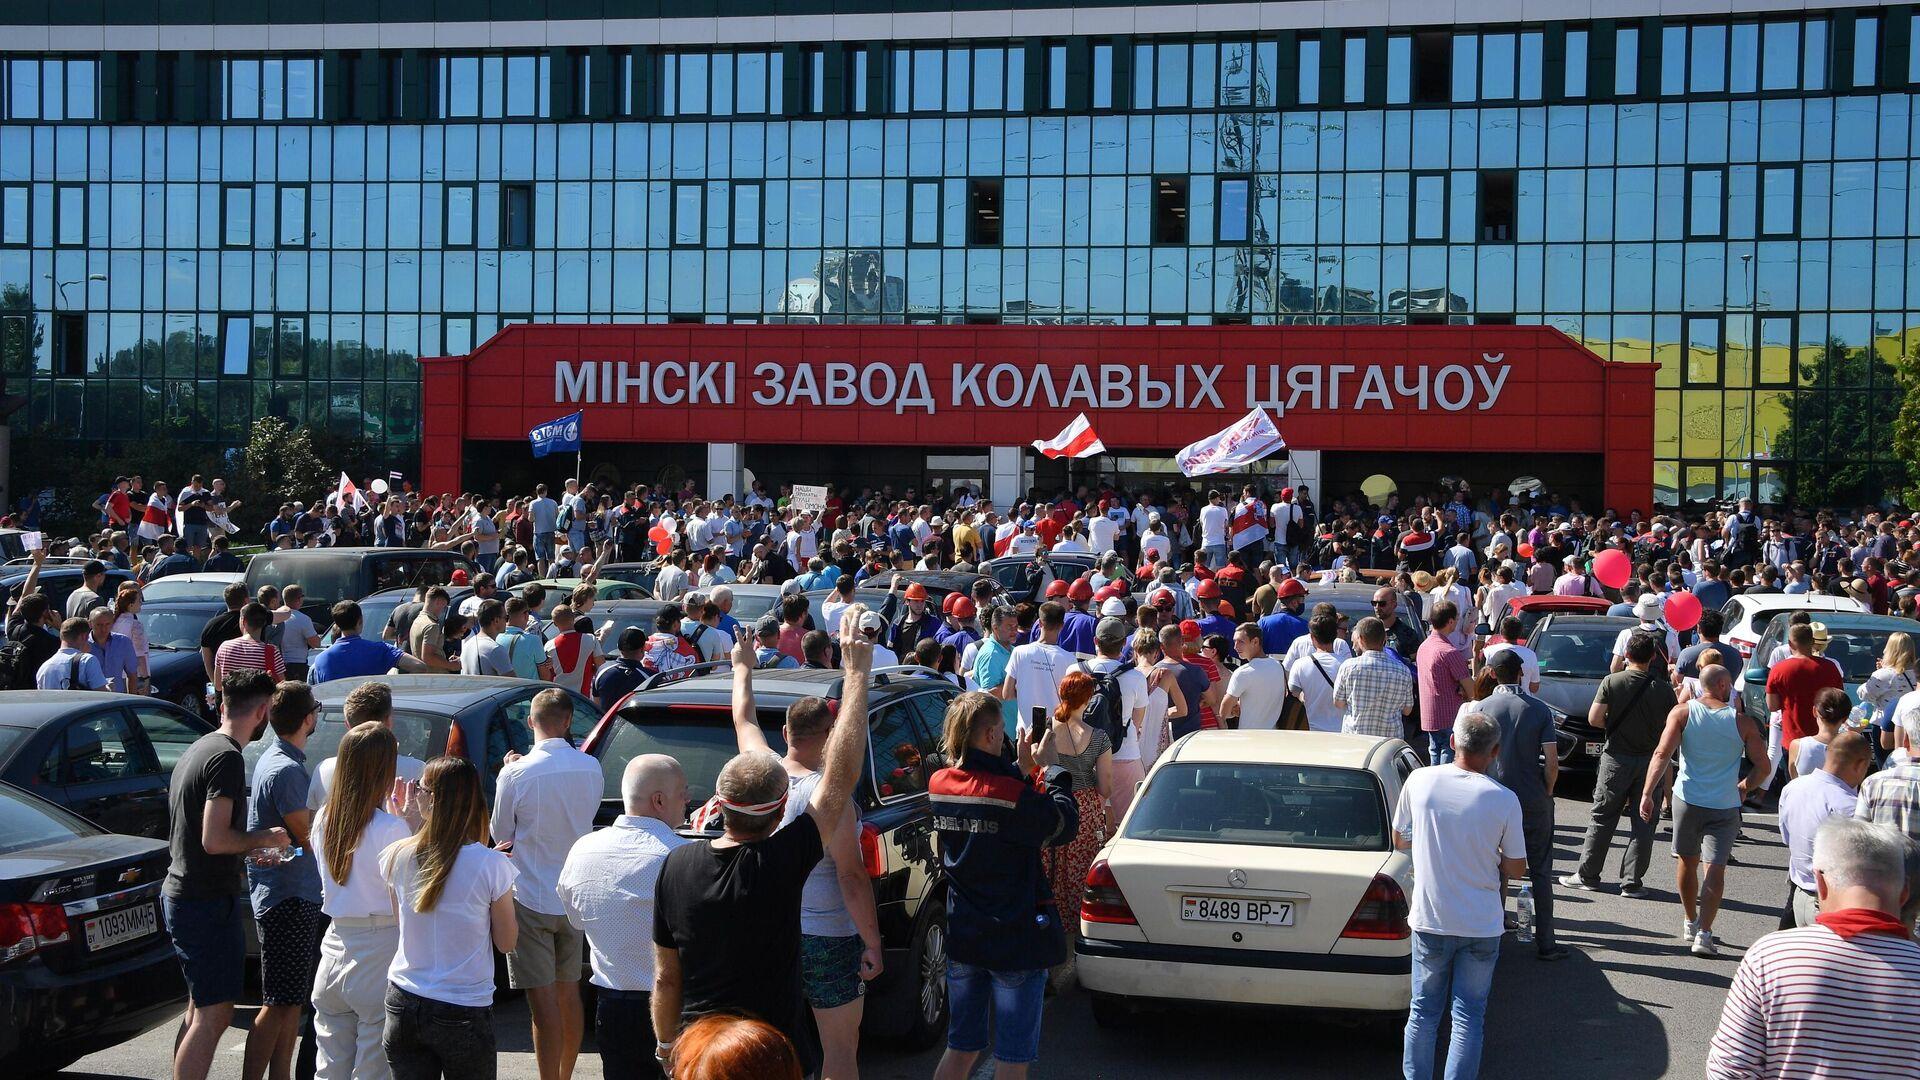 Участники митинга оппозиции возле Минского завода колёсных тягачей - РИА Новости, 1920, 21.08.2020